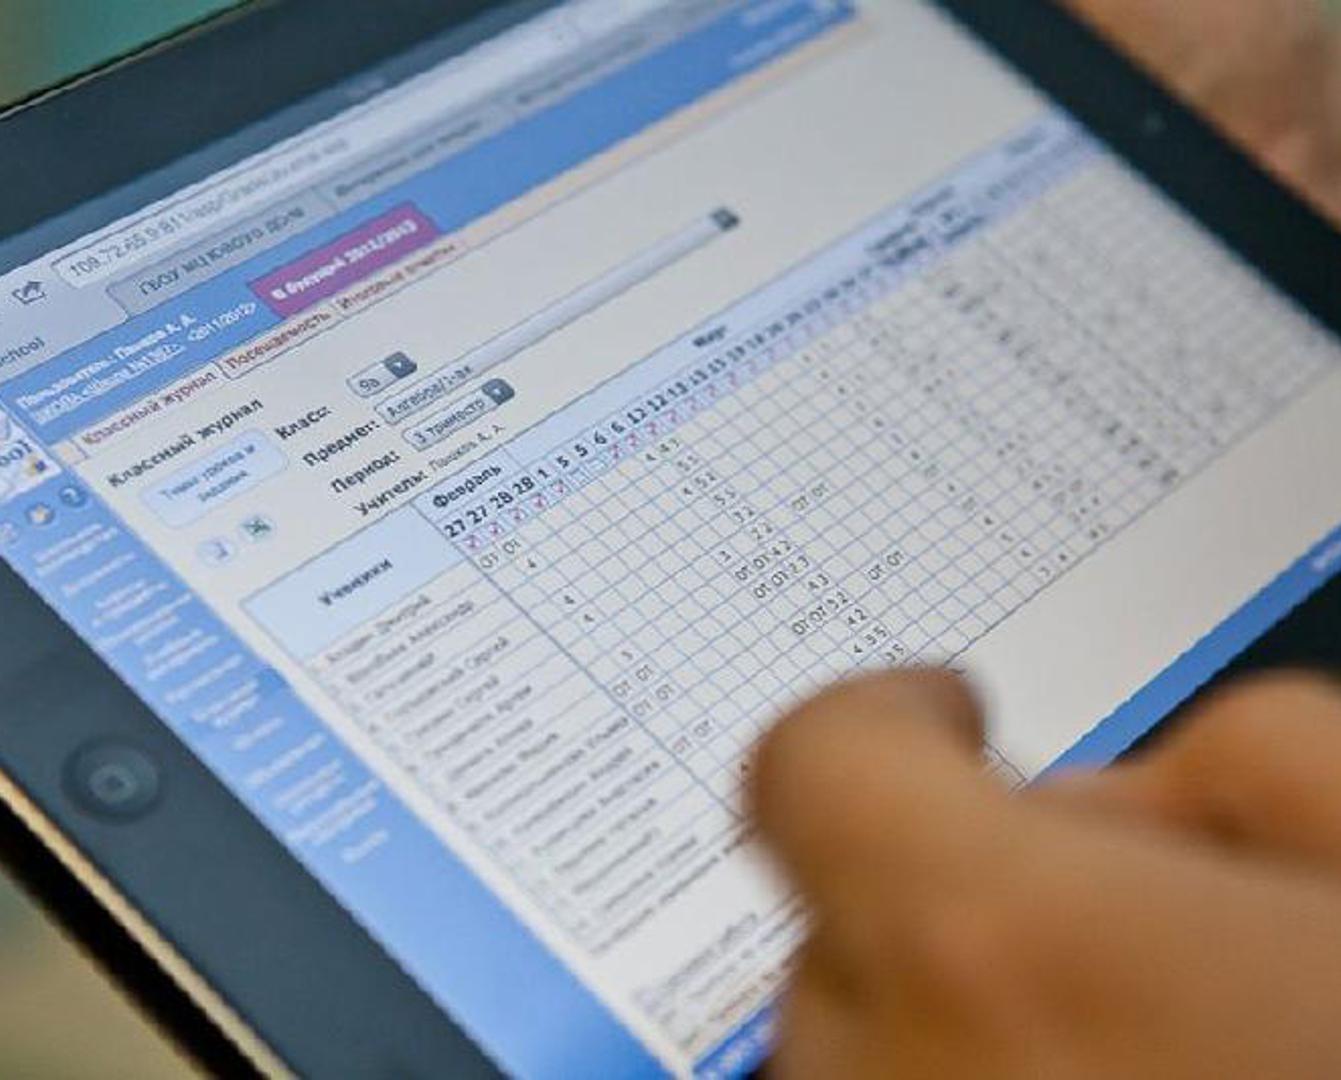 Электронный дневник планируется завести на каждого казахстанца